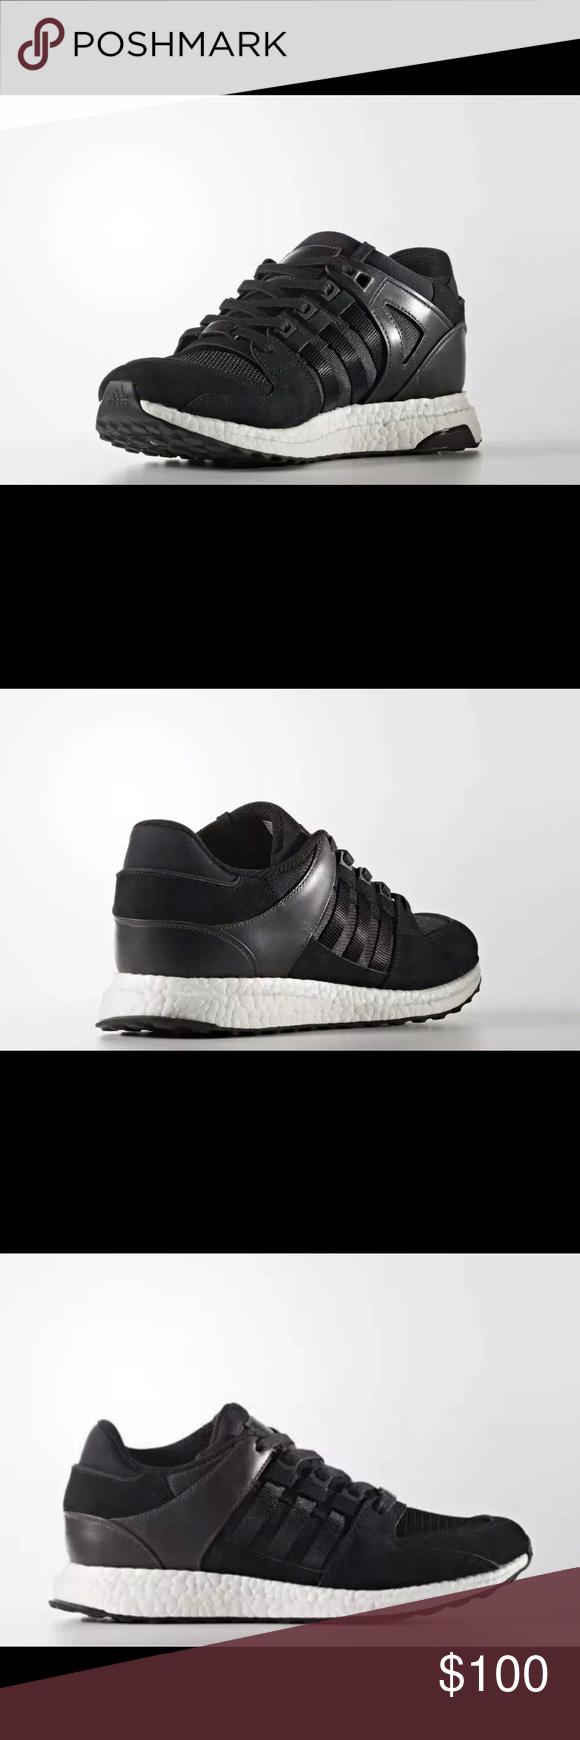 new product dd3d9 bd51e Adidas Originals EQT Support Ultra Mens Sneakers Adidas Originals EQT  Support Ultra Boost Core Black BA7475 Mens Sneakers Size 7 Condition NWB  adidas ...